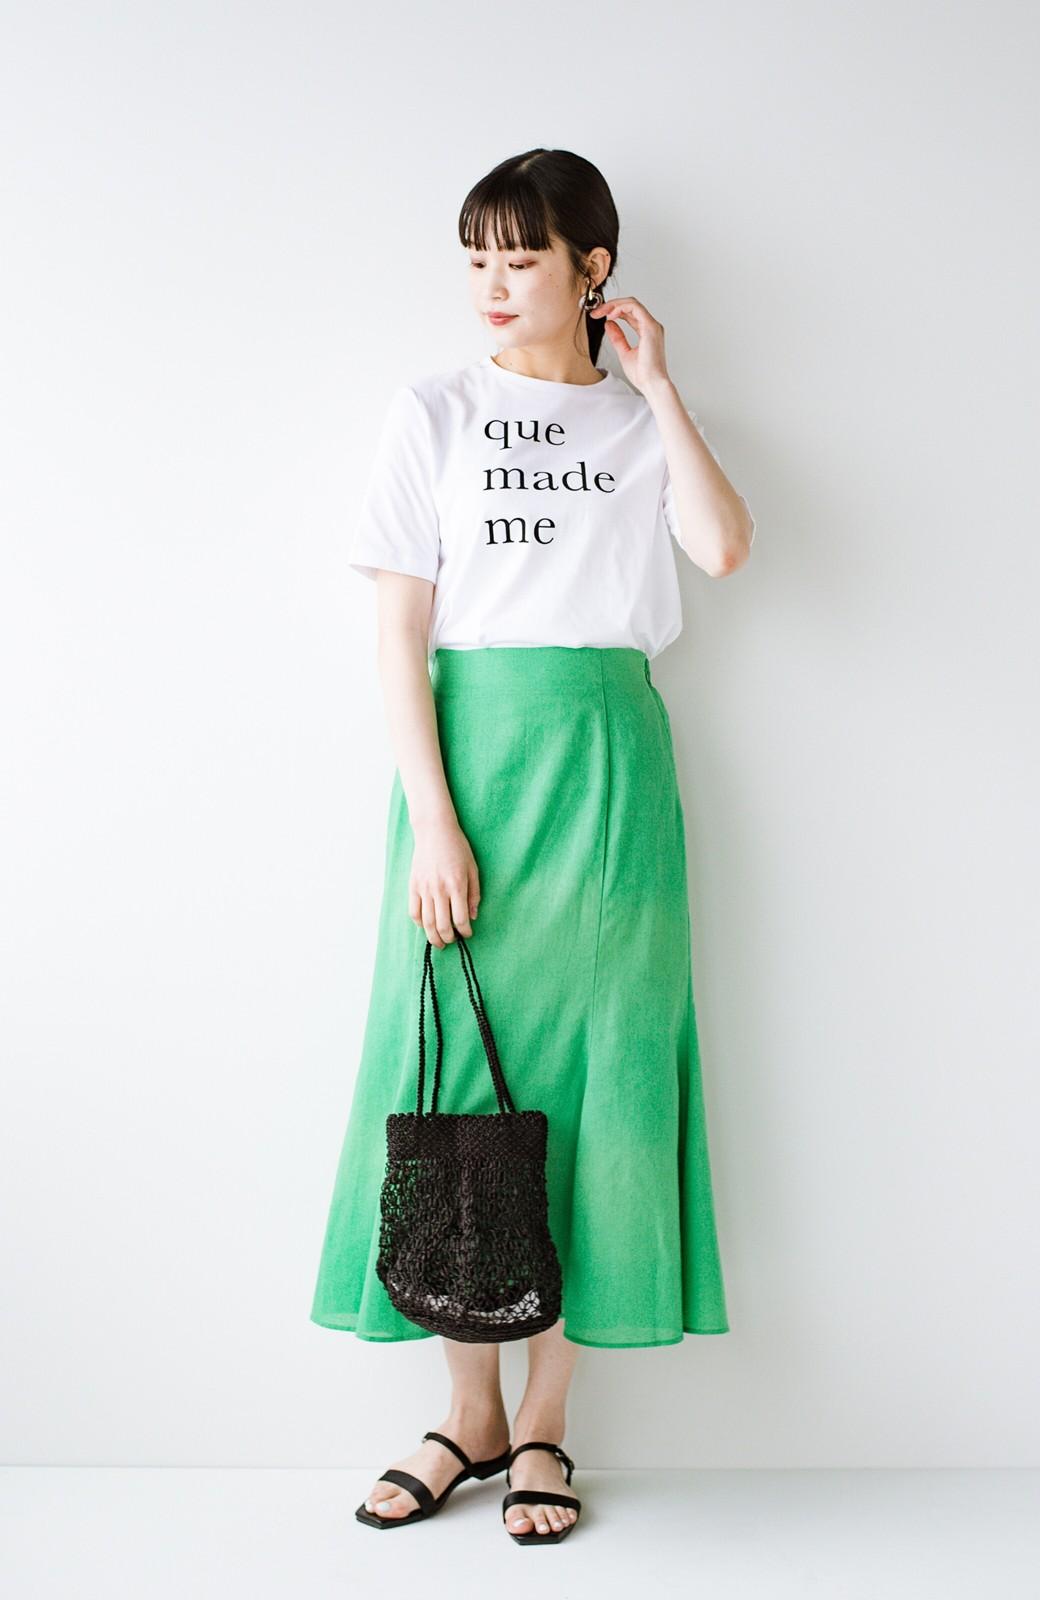 haco! 時間のない朝にもパッと出かけられる!元気が出るきれい色スカートにちょうどいいロゴTシャツを合わせておいた作り置きコーデセット by que made me <その他>の商品写真1